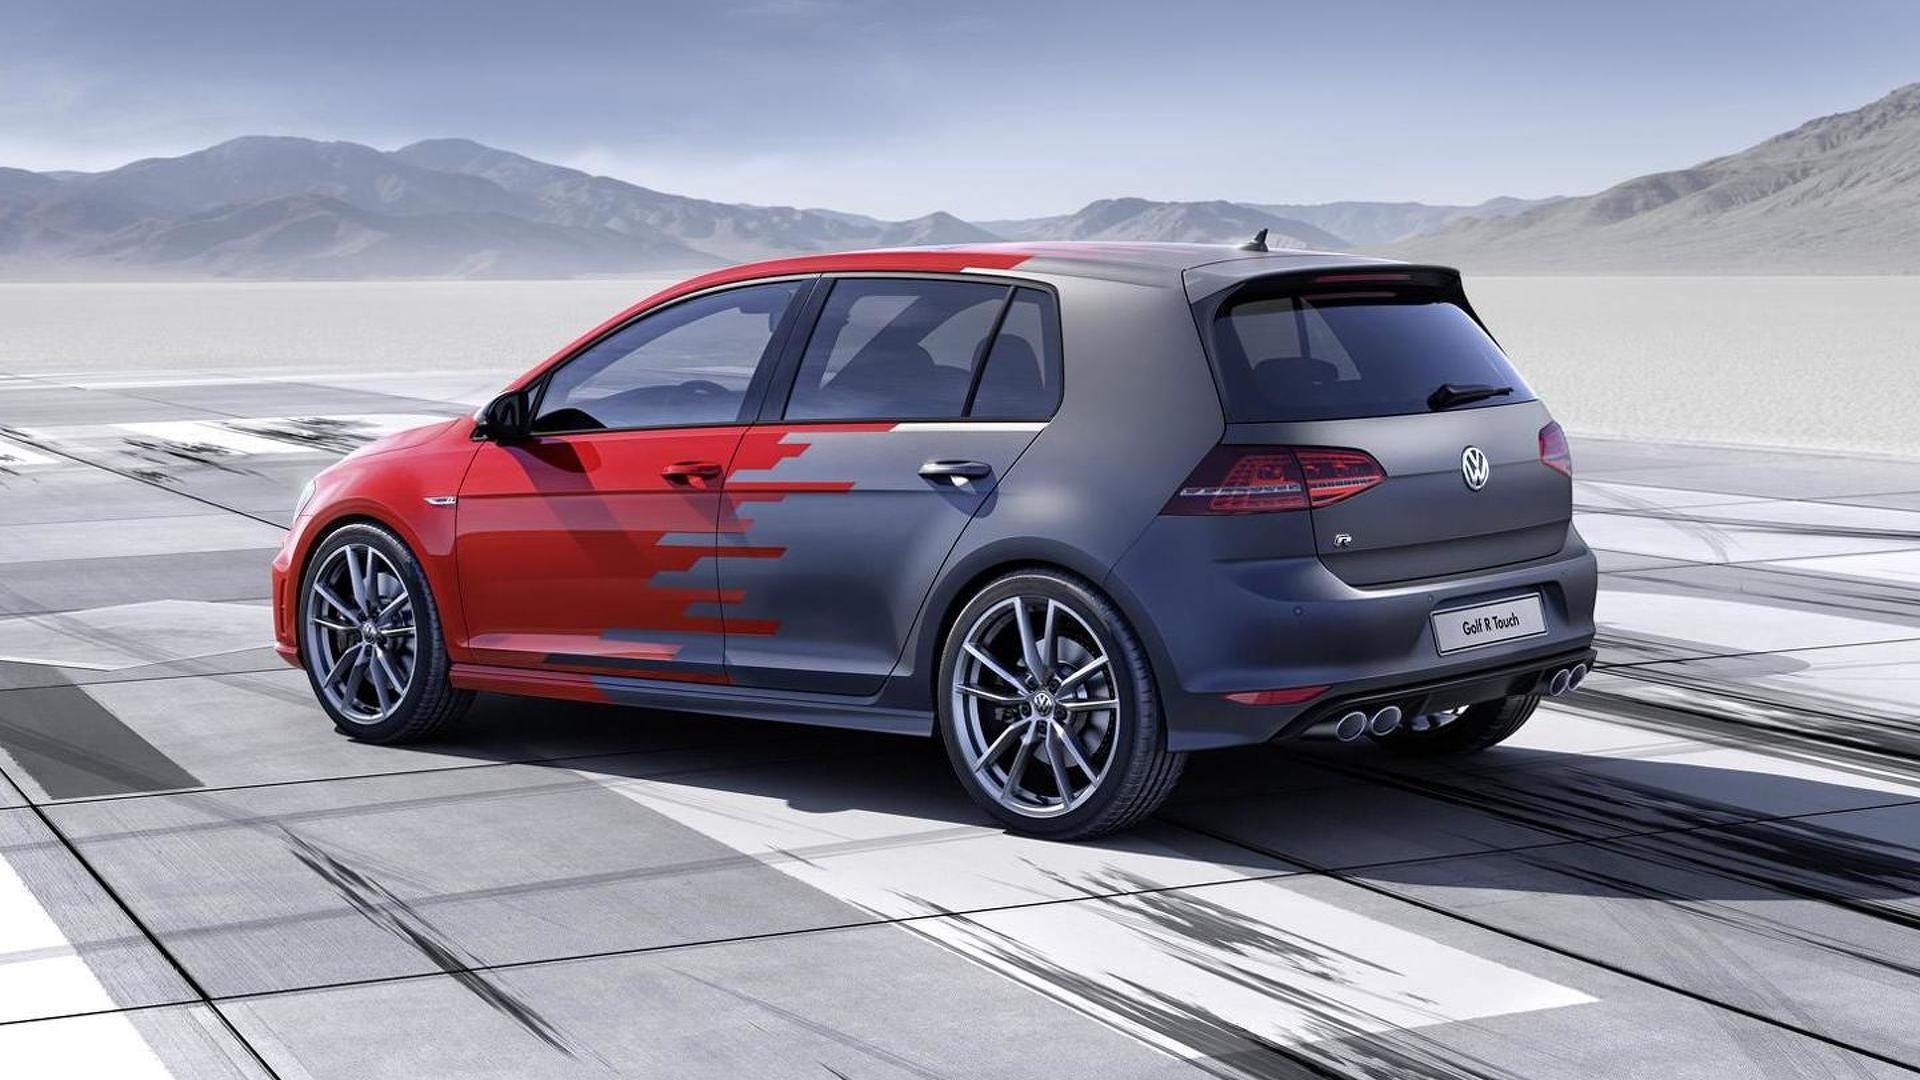 Хэтчбек Volkswagen Golf R Touch Concept 2015